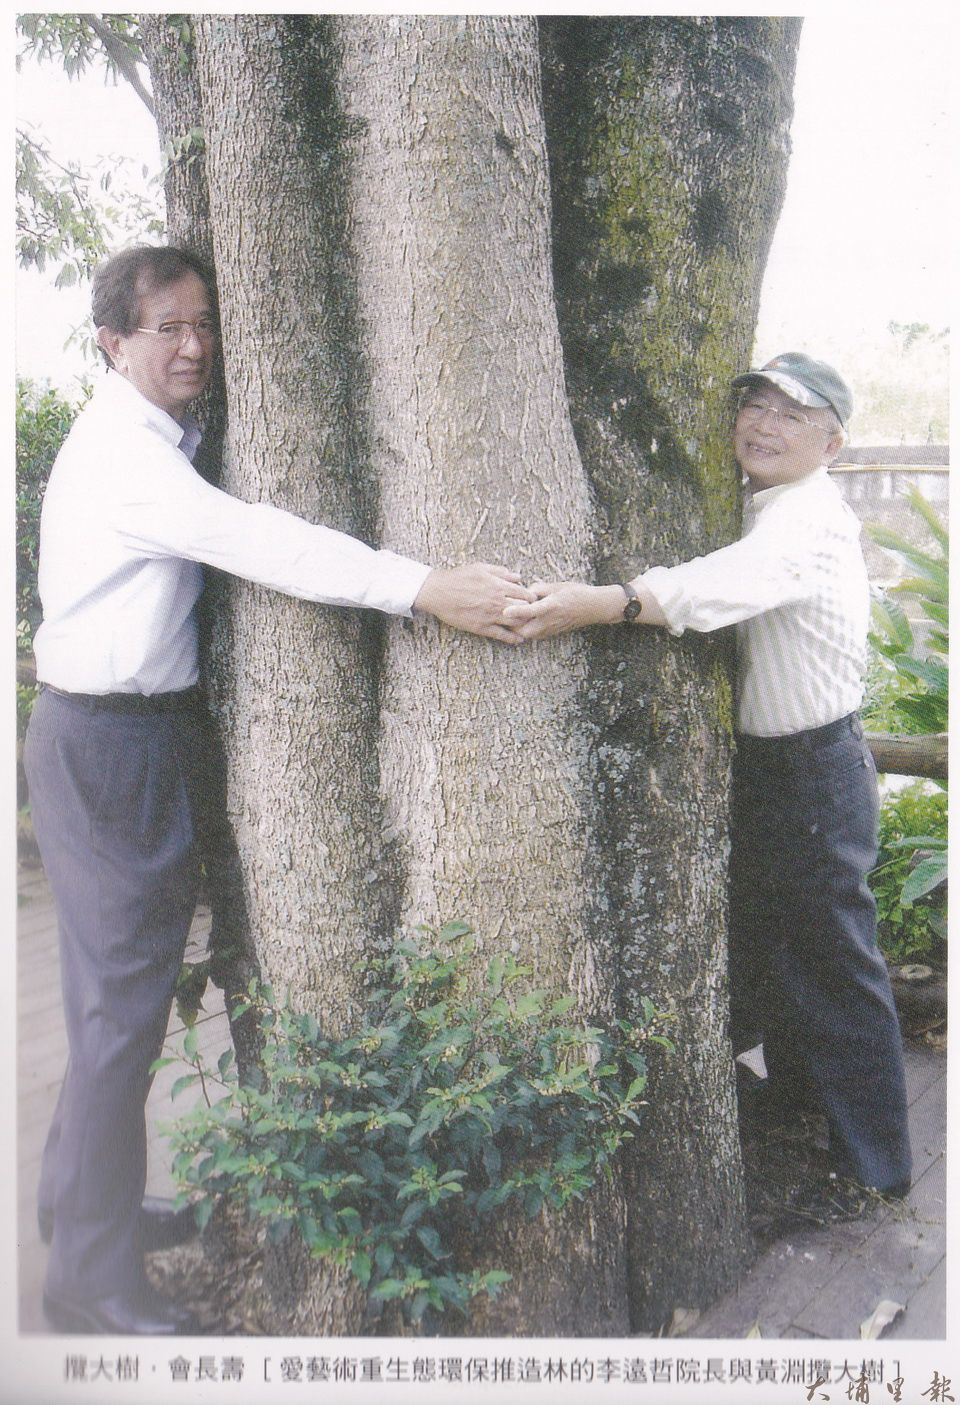 黃炳松與諾貝爾獎得主、前中研院長李遠哲環抱大樹。(柏原祥翻攝)